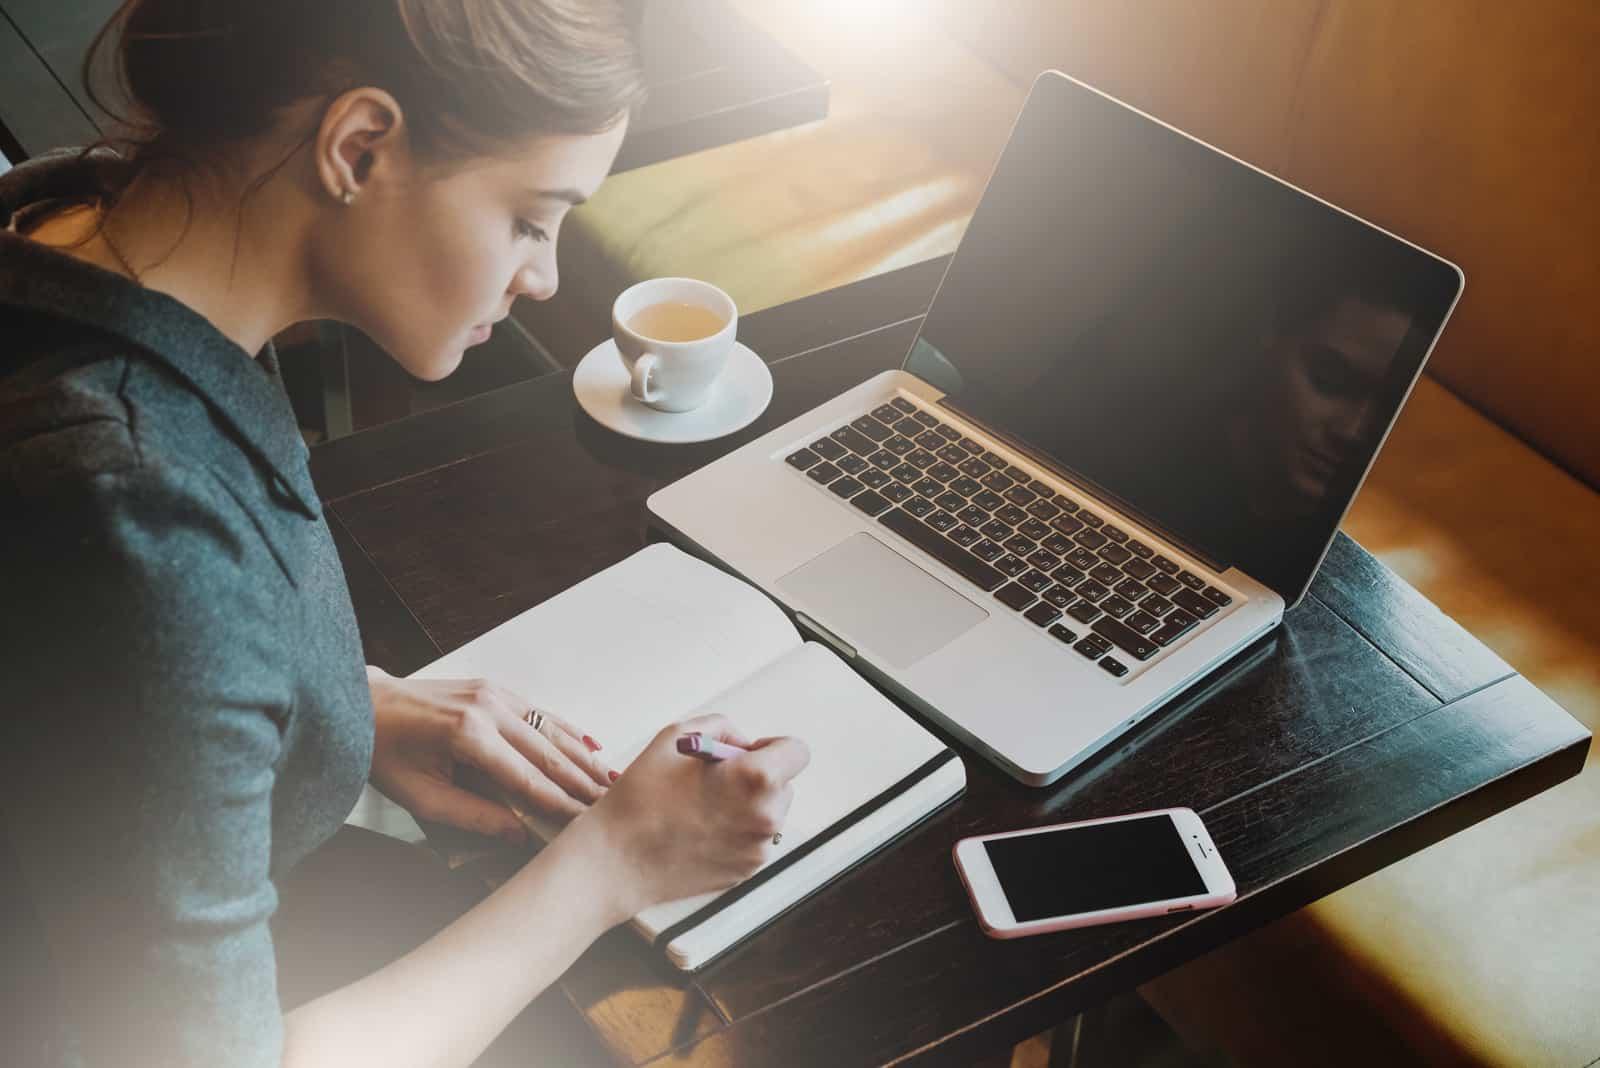 une femme est assise devant un ordinateur portable et écrit